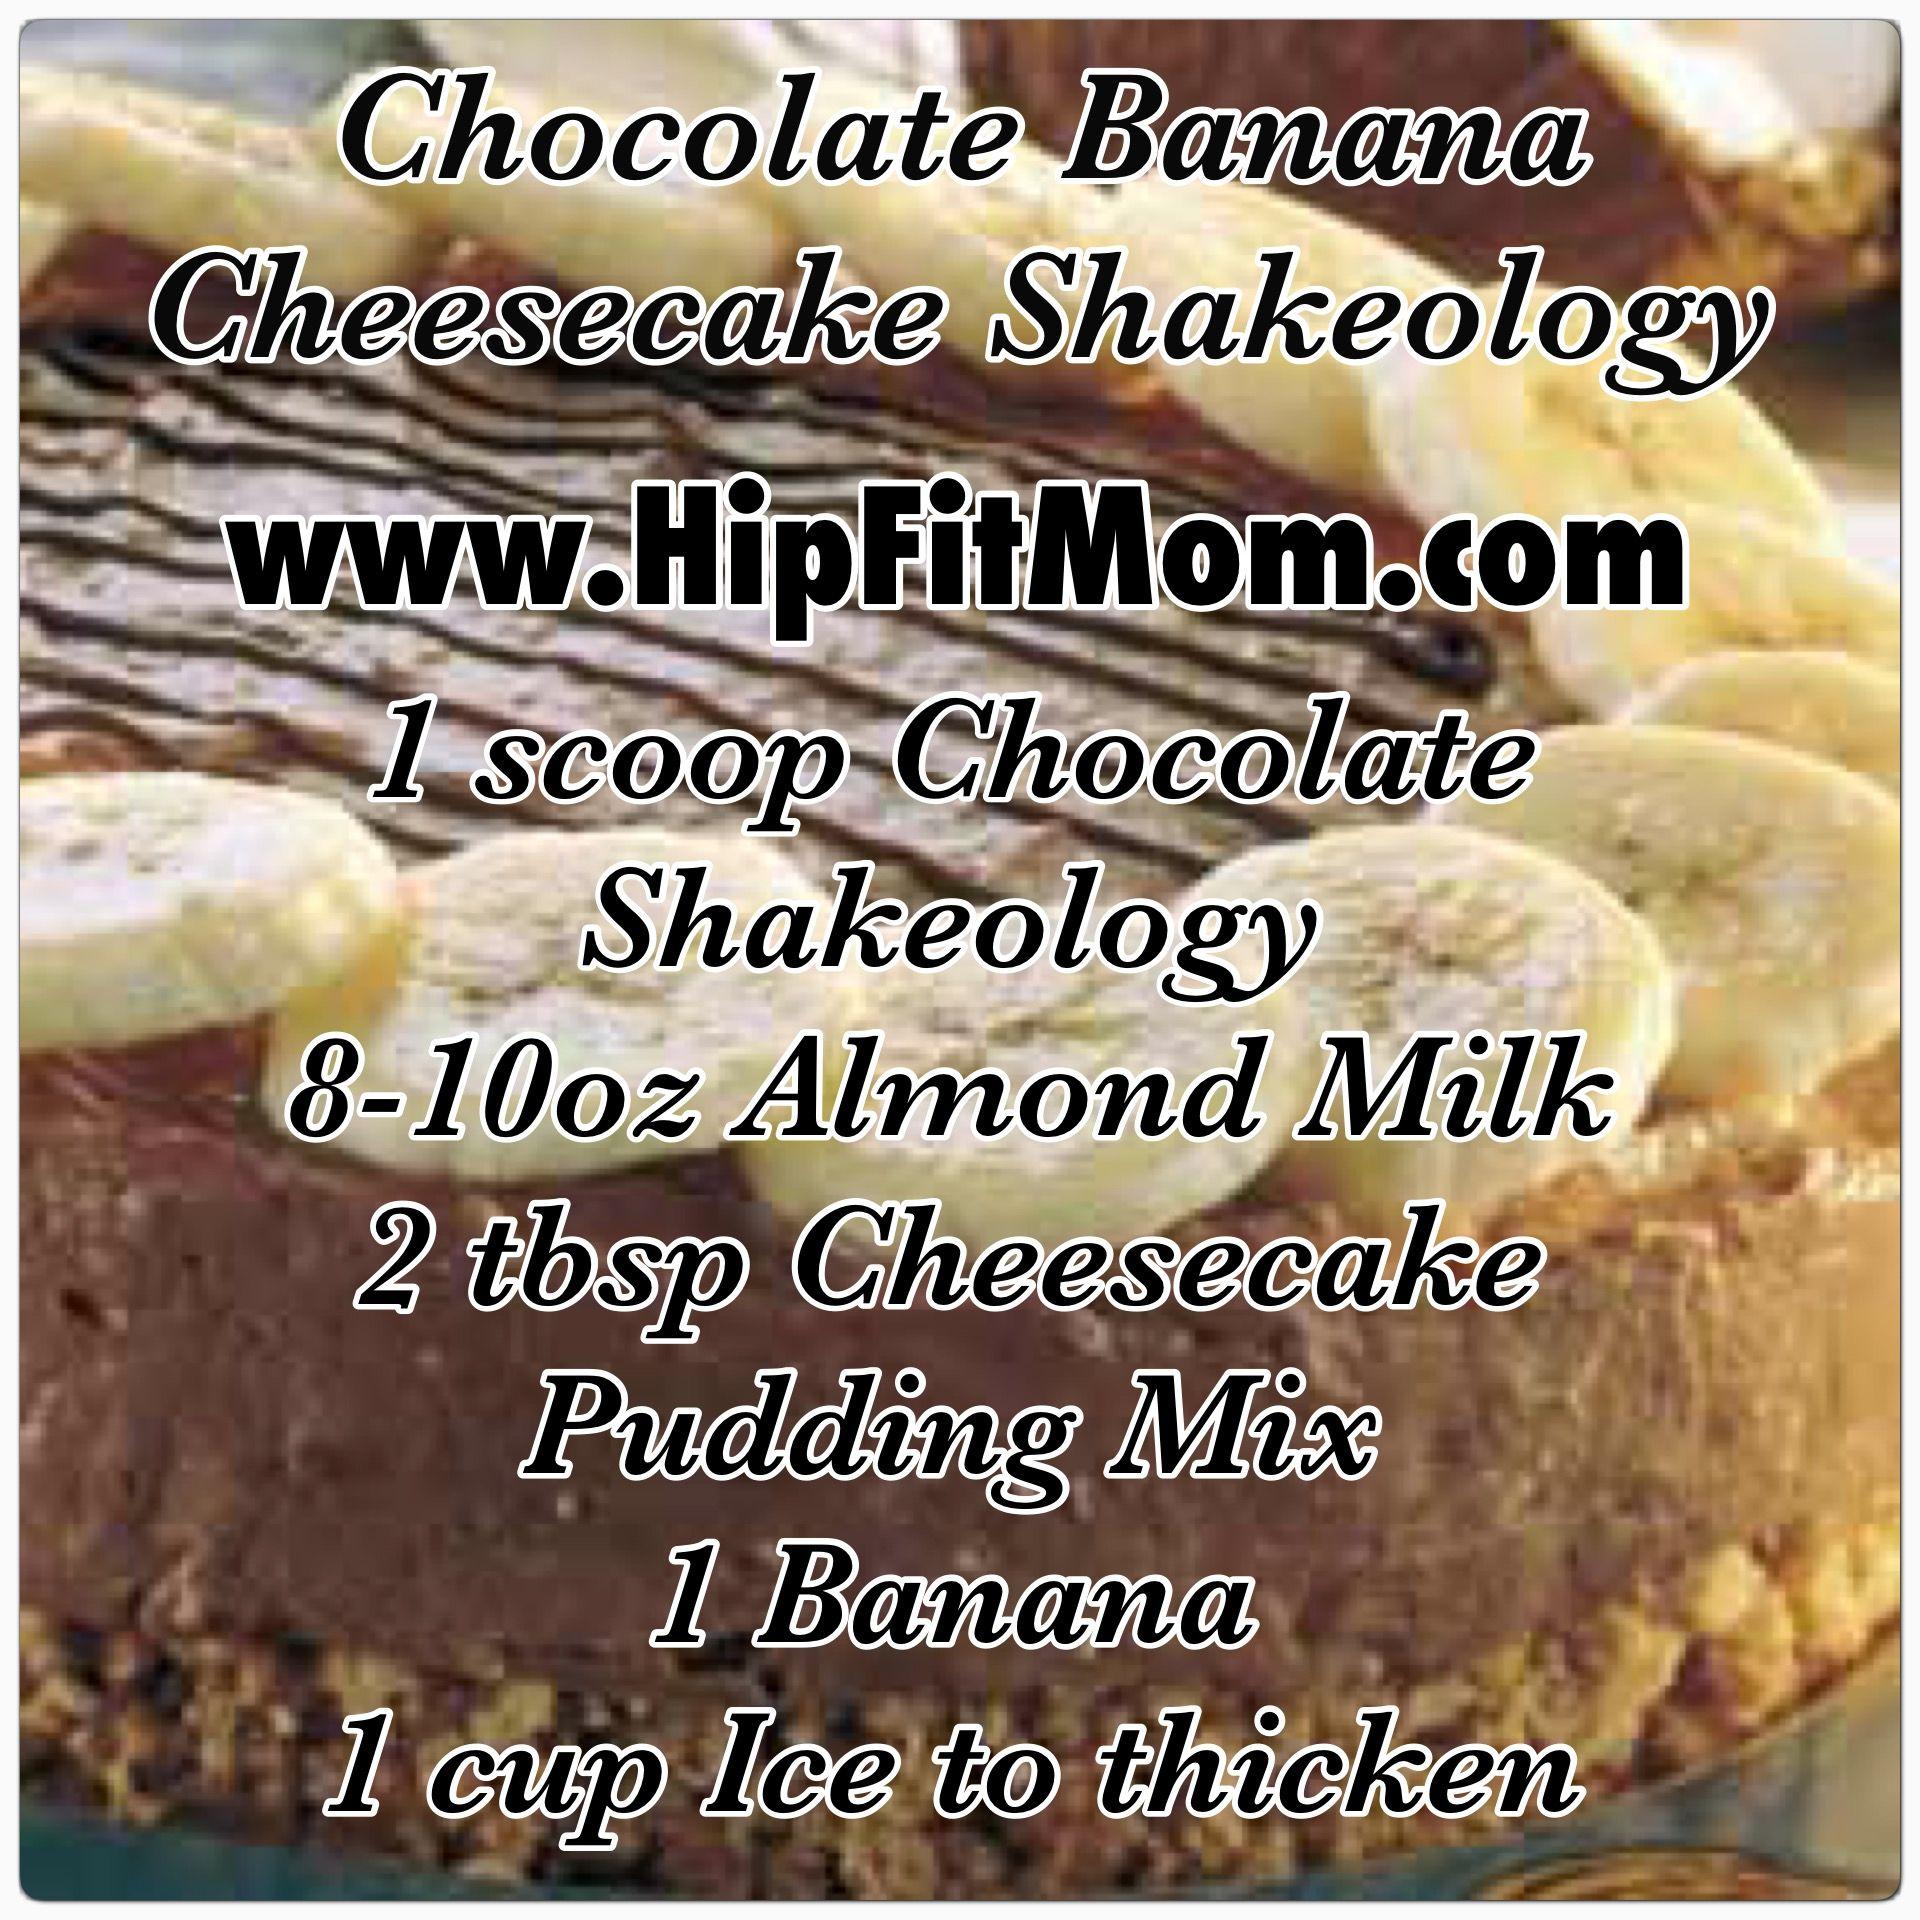 Chocolate Banana Cheesecake Shakeology Recipe www.HipFitMom.com